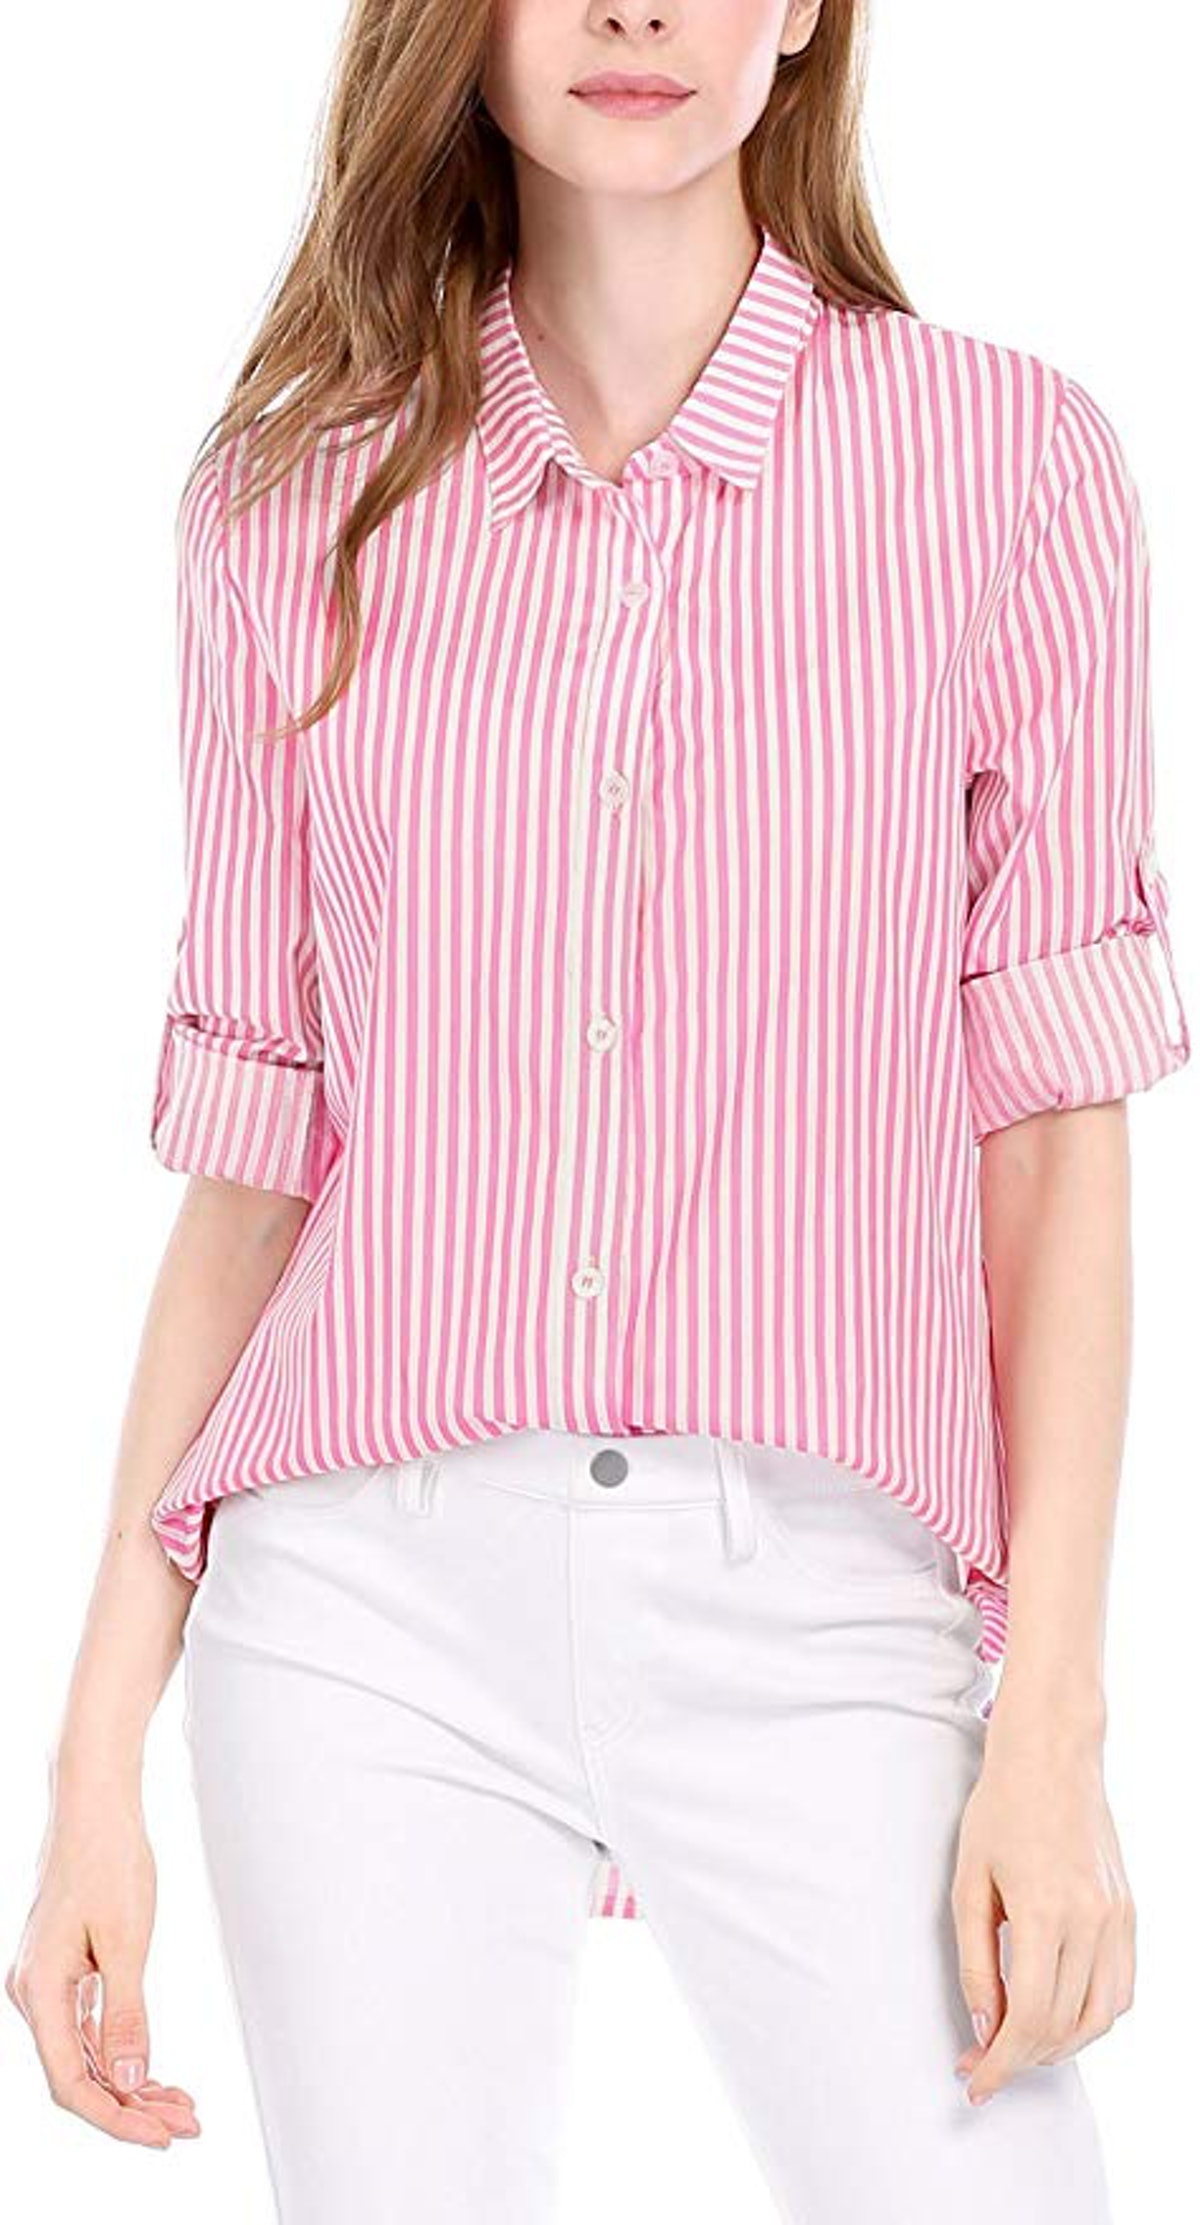 Allegra K Women's Vertical Stripes Button Down